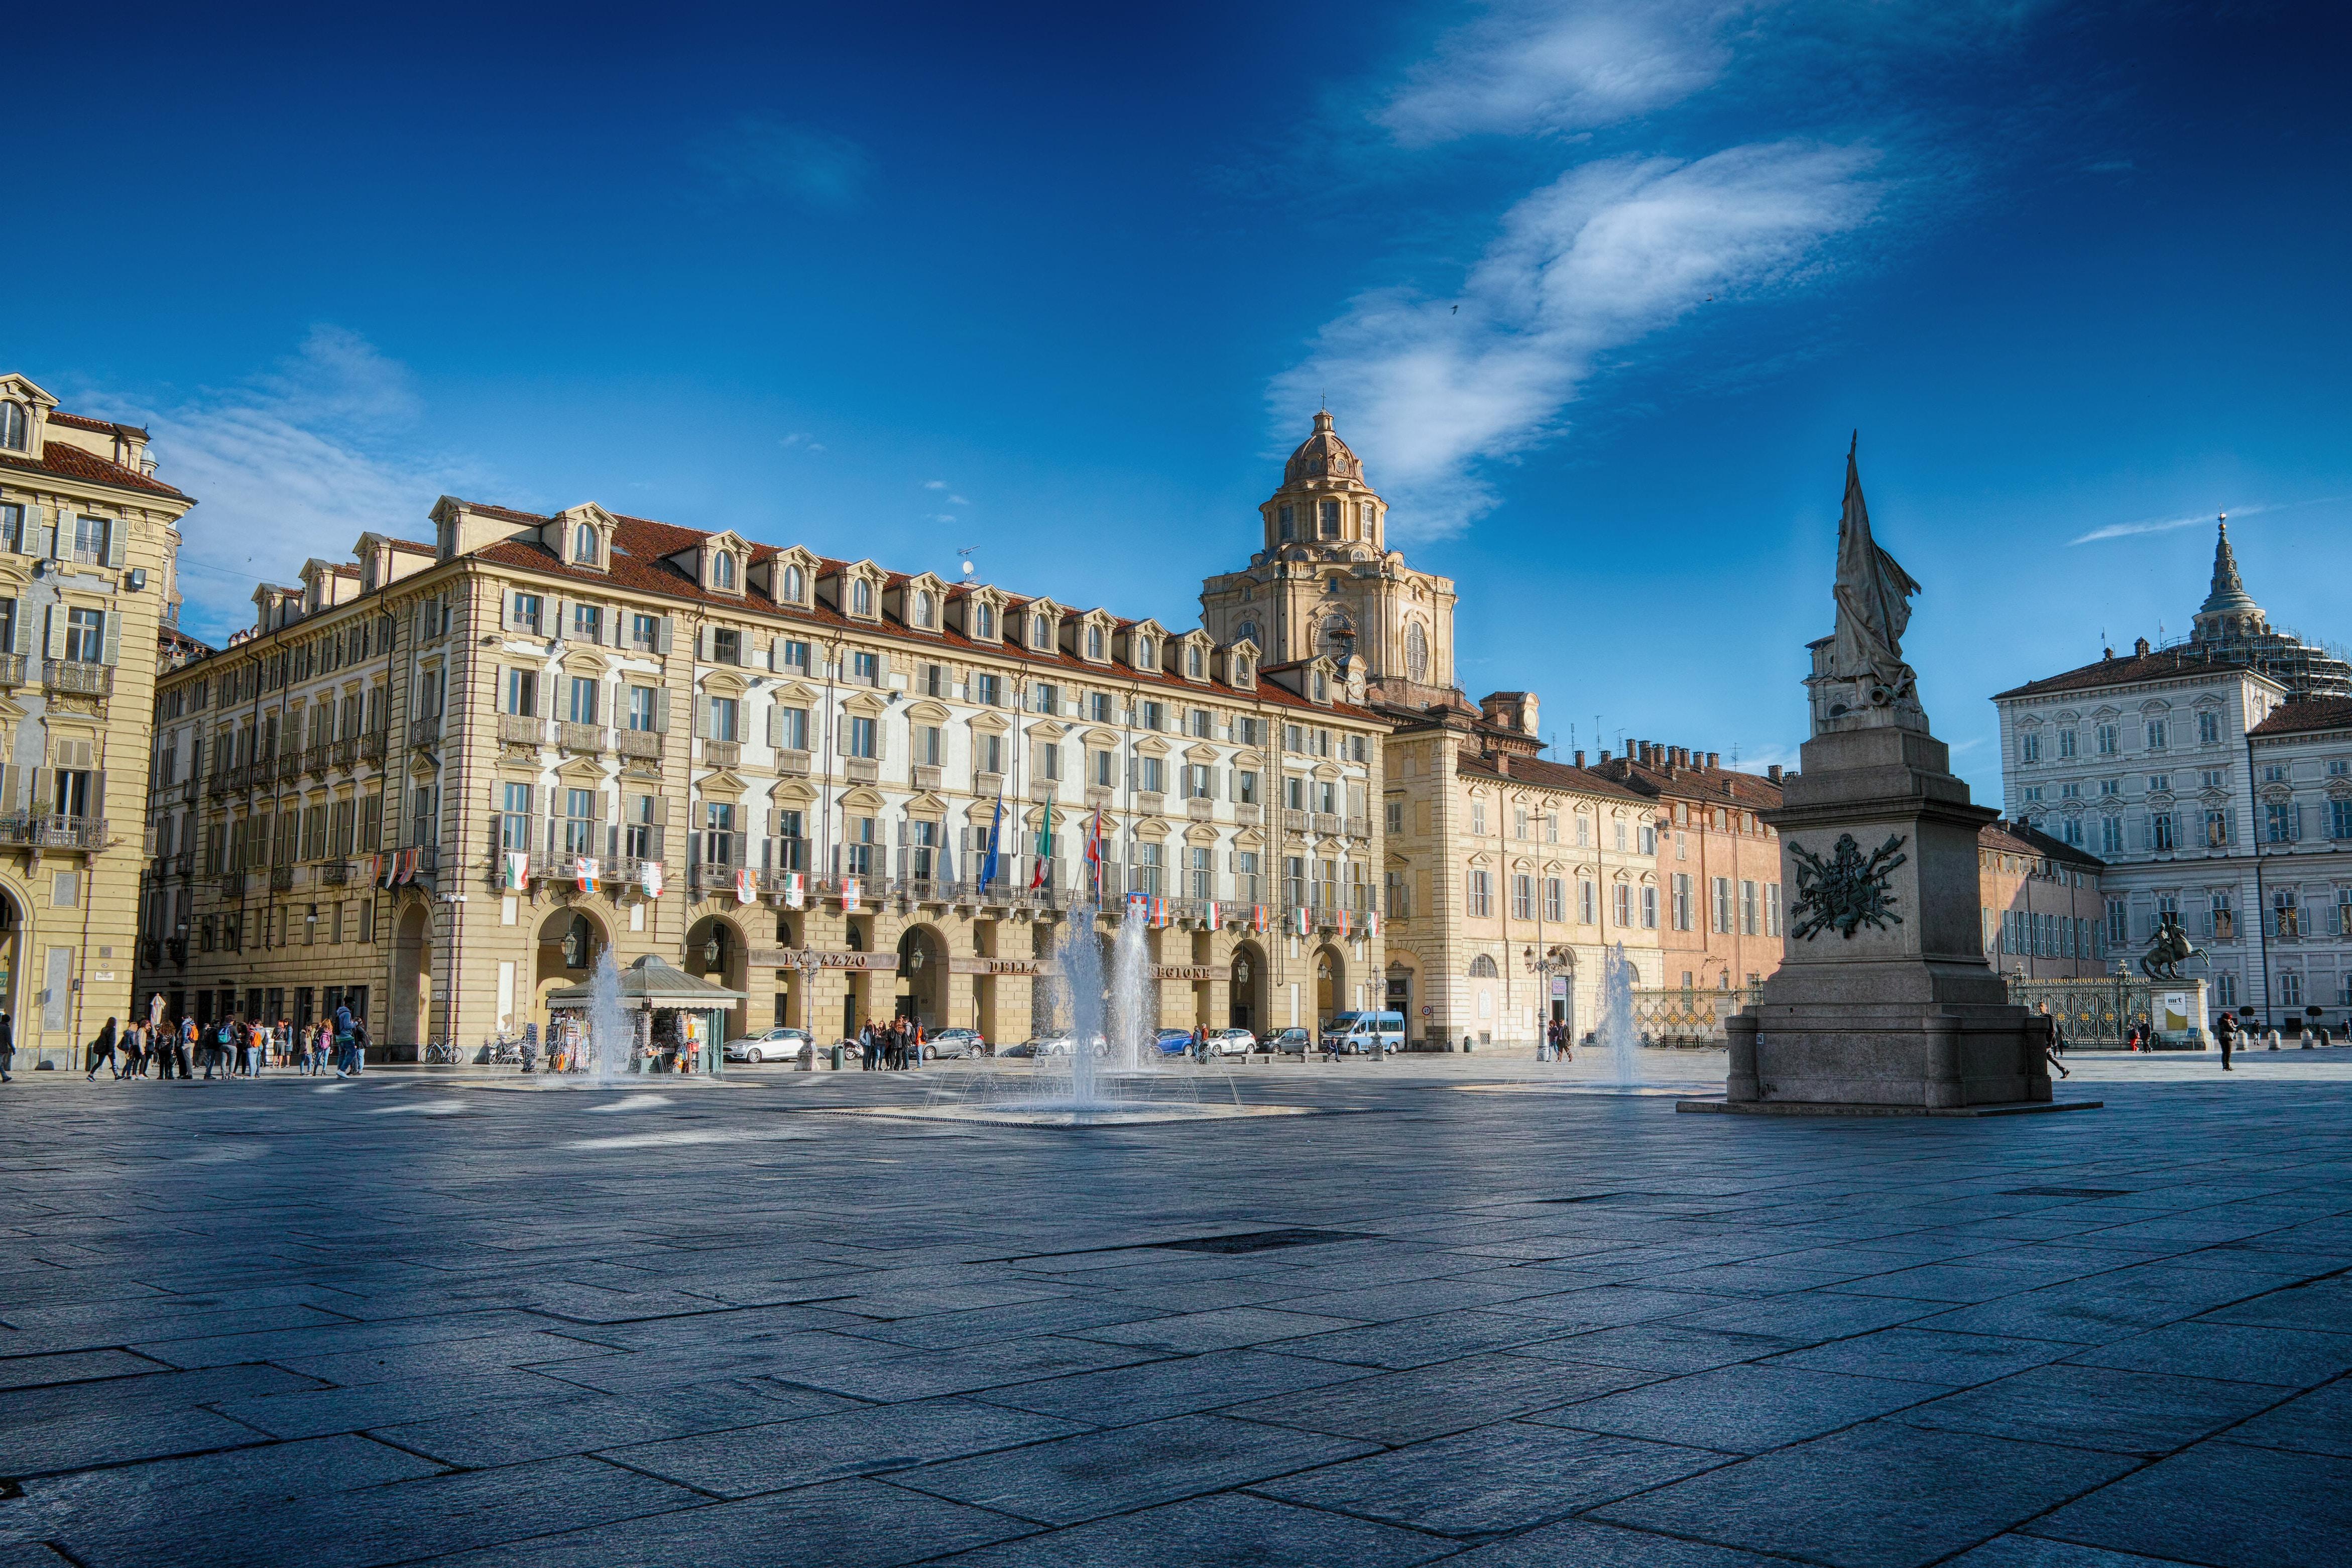 19 città italiane da visitare nel 2019 - Torino